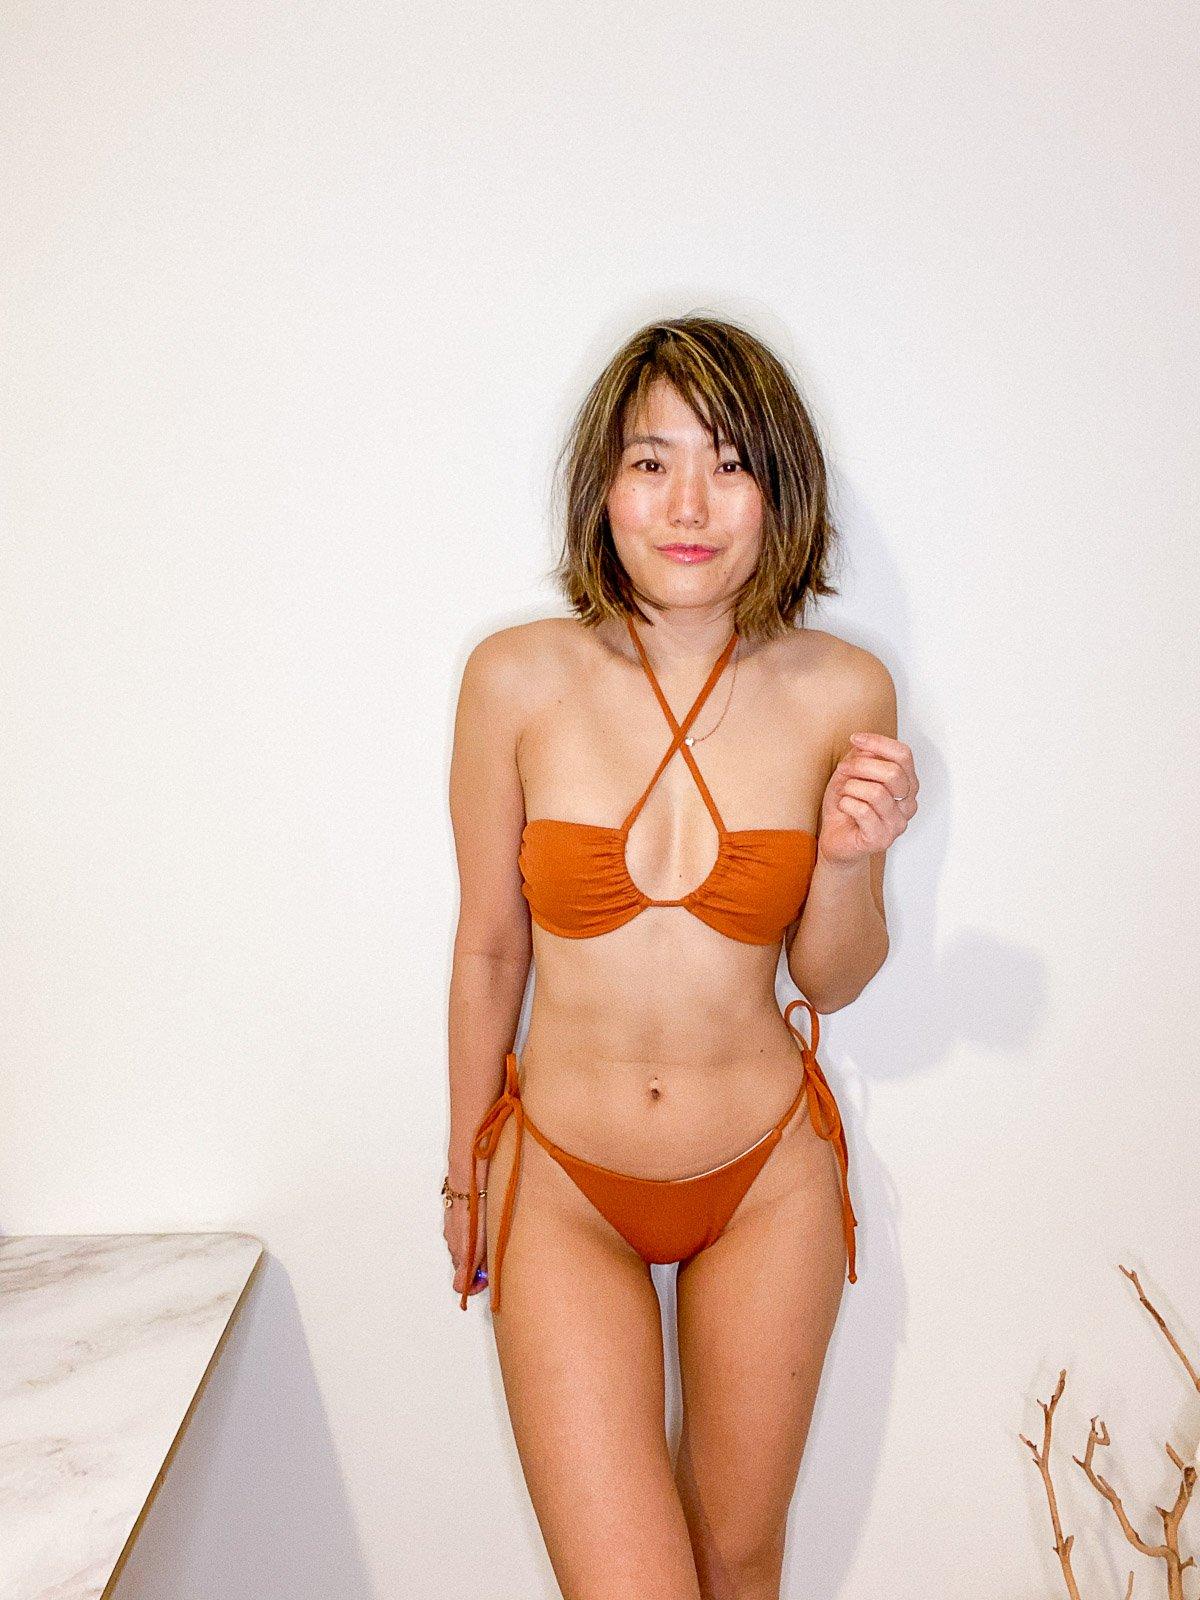 shein halter bikini